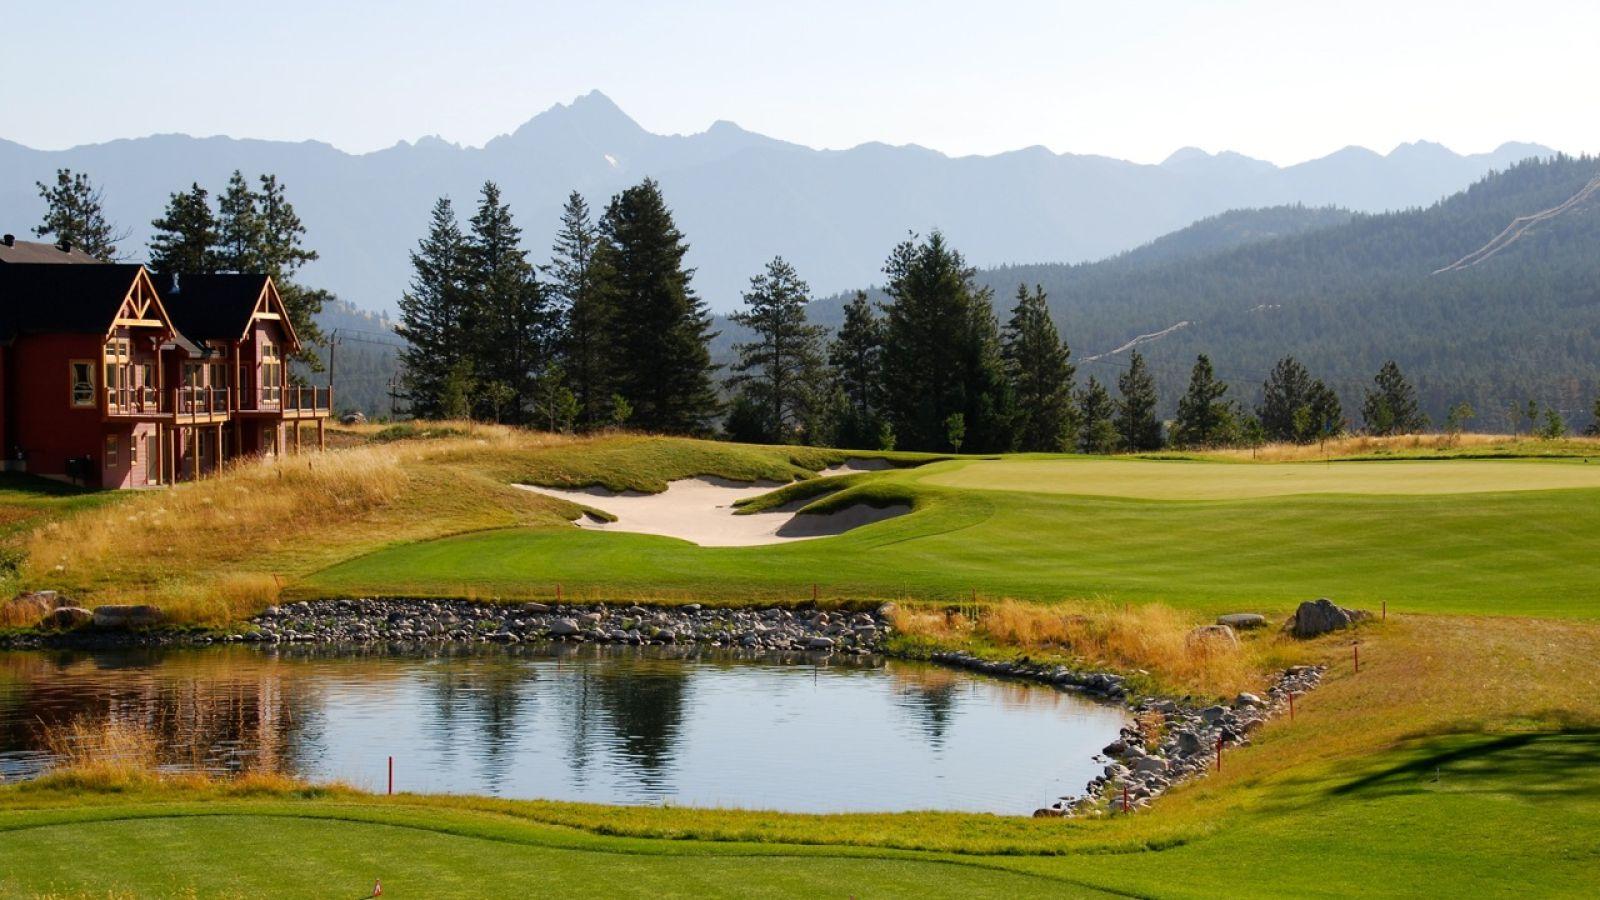 Fisher Peak & Rocky Mountain backdrop.